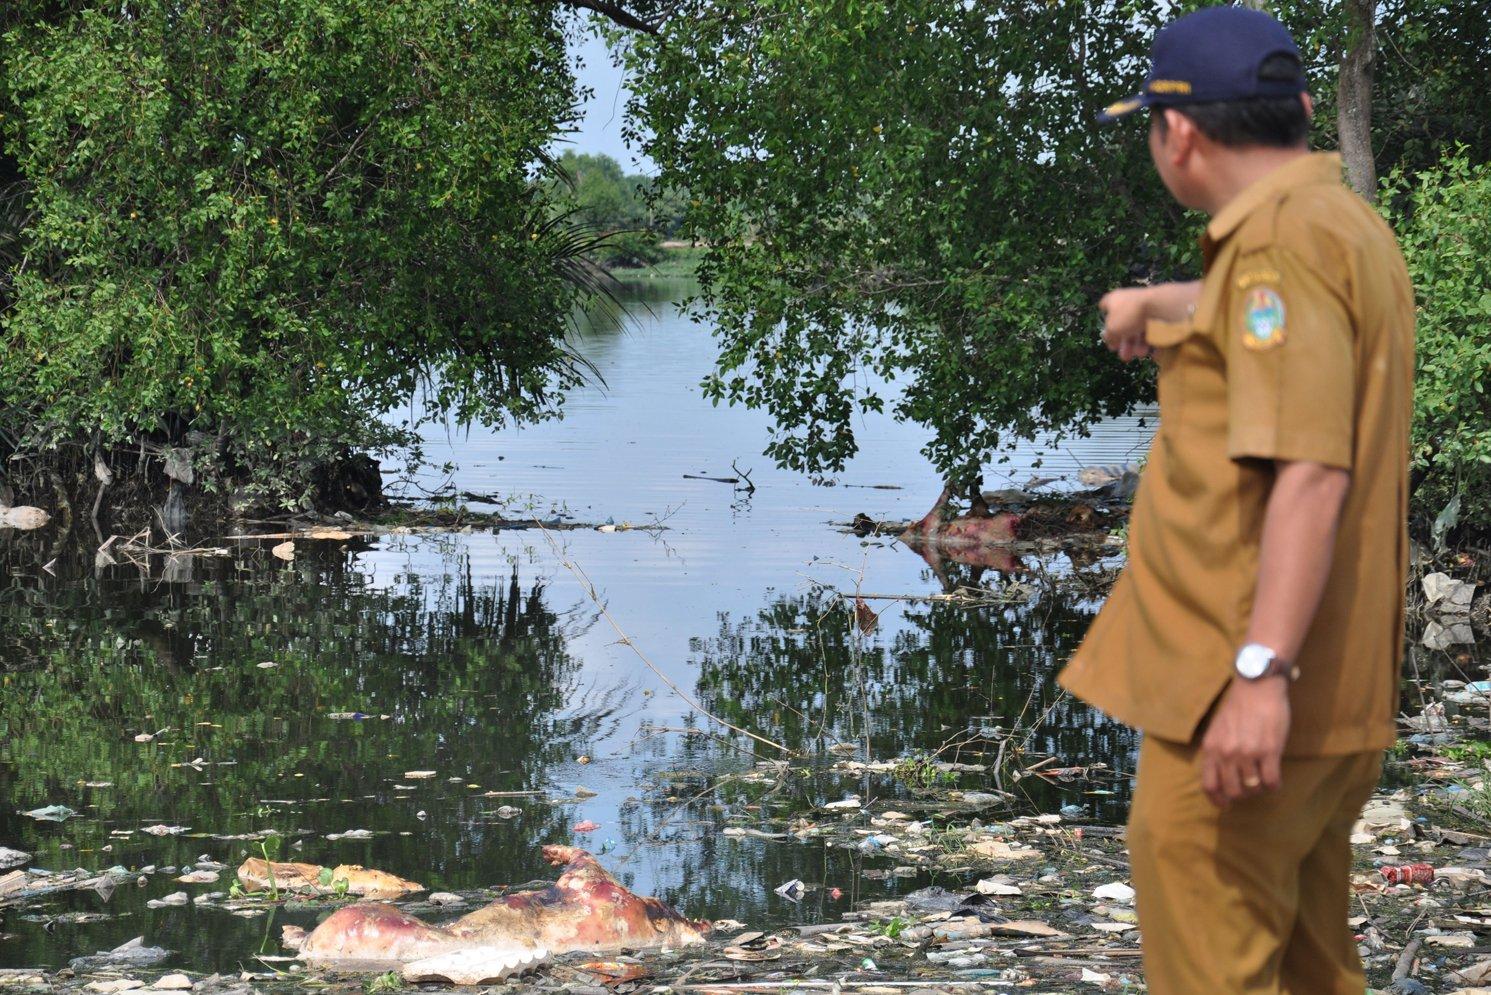 Dinas Ketahanan Pangan dan Peternakan Sumatra Utara mencatat, sebanyak 4.682 ekor babi dilaporkan mati akibat virus kolera babi dan demam babi afrika. Namun, angka itu dilaporkan bertambah sejak kemarin menjadi 5.800 ekor babi